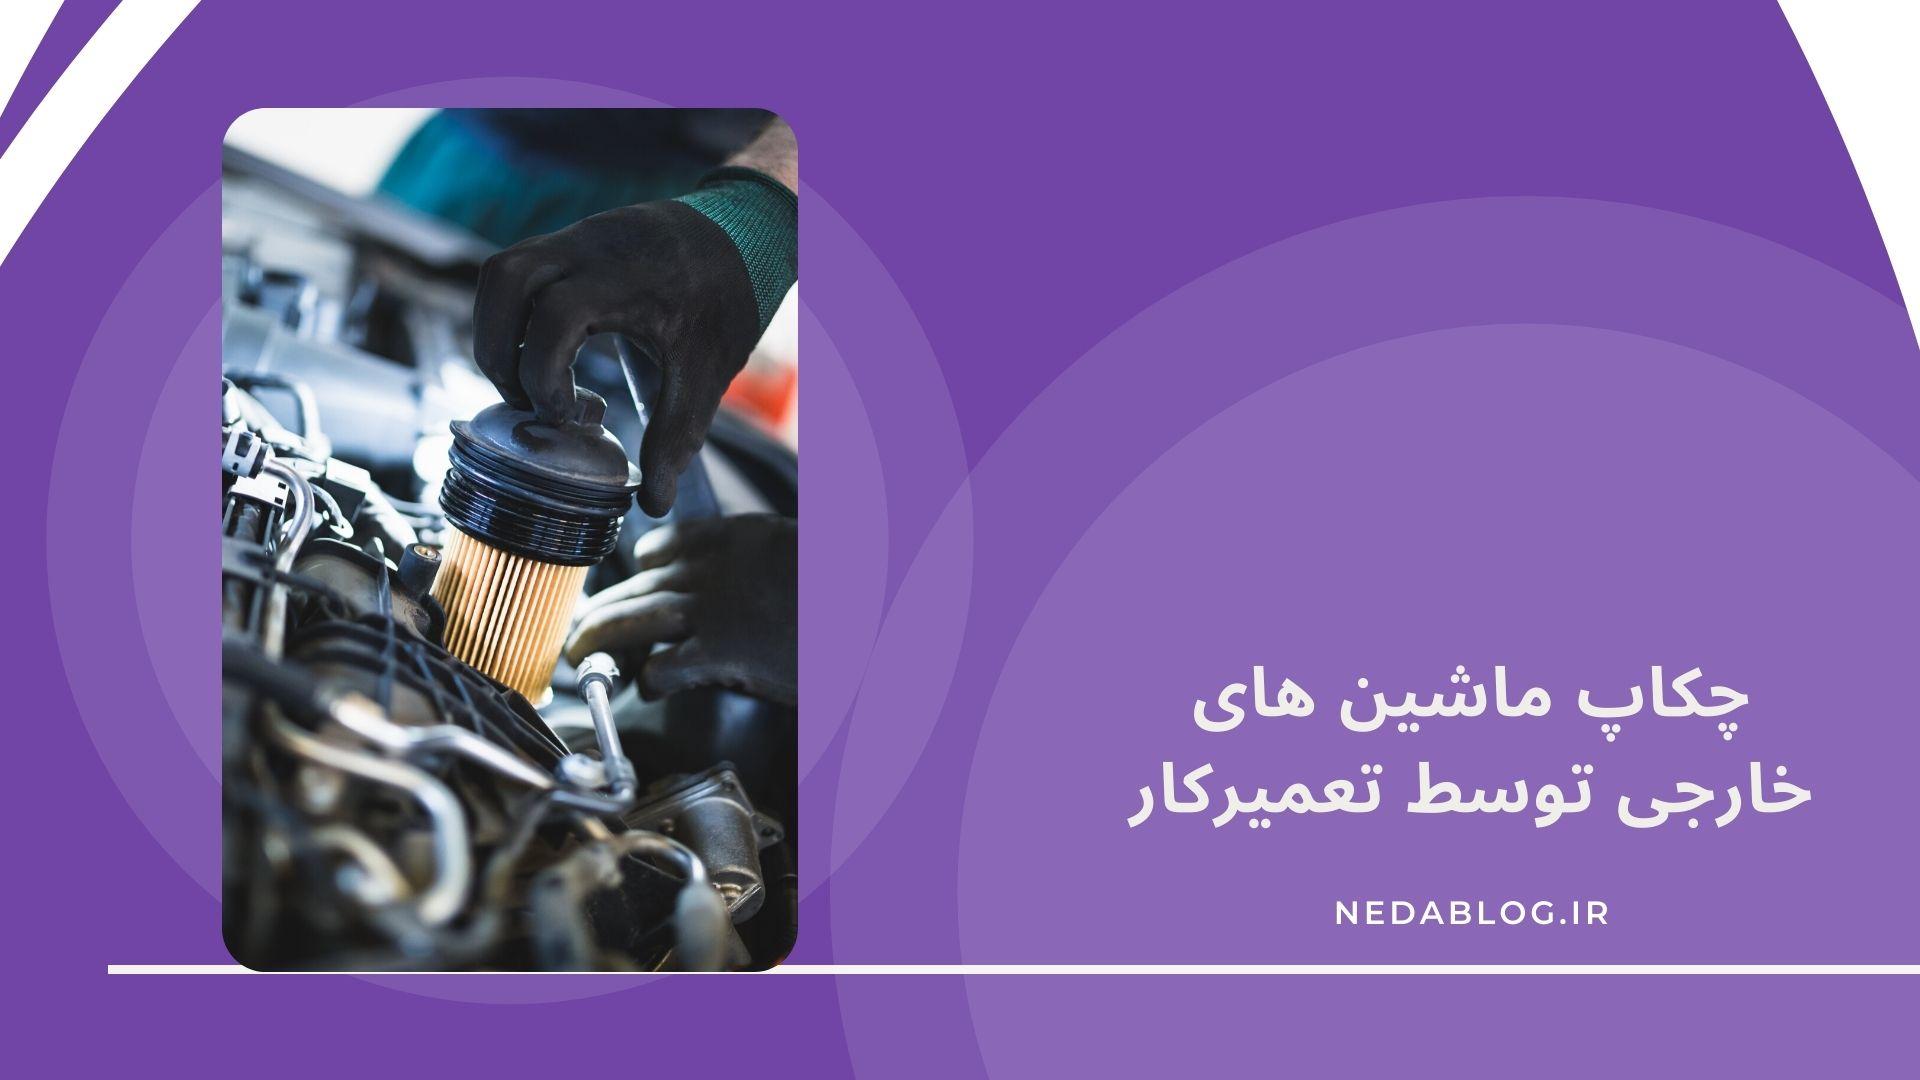 چکاپ ماشین های خارجی توسط تعمیرکار